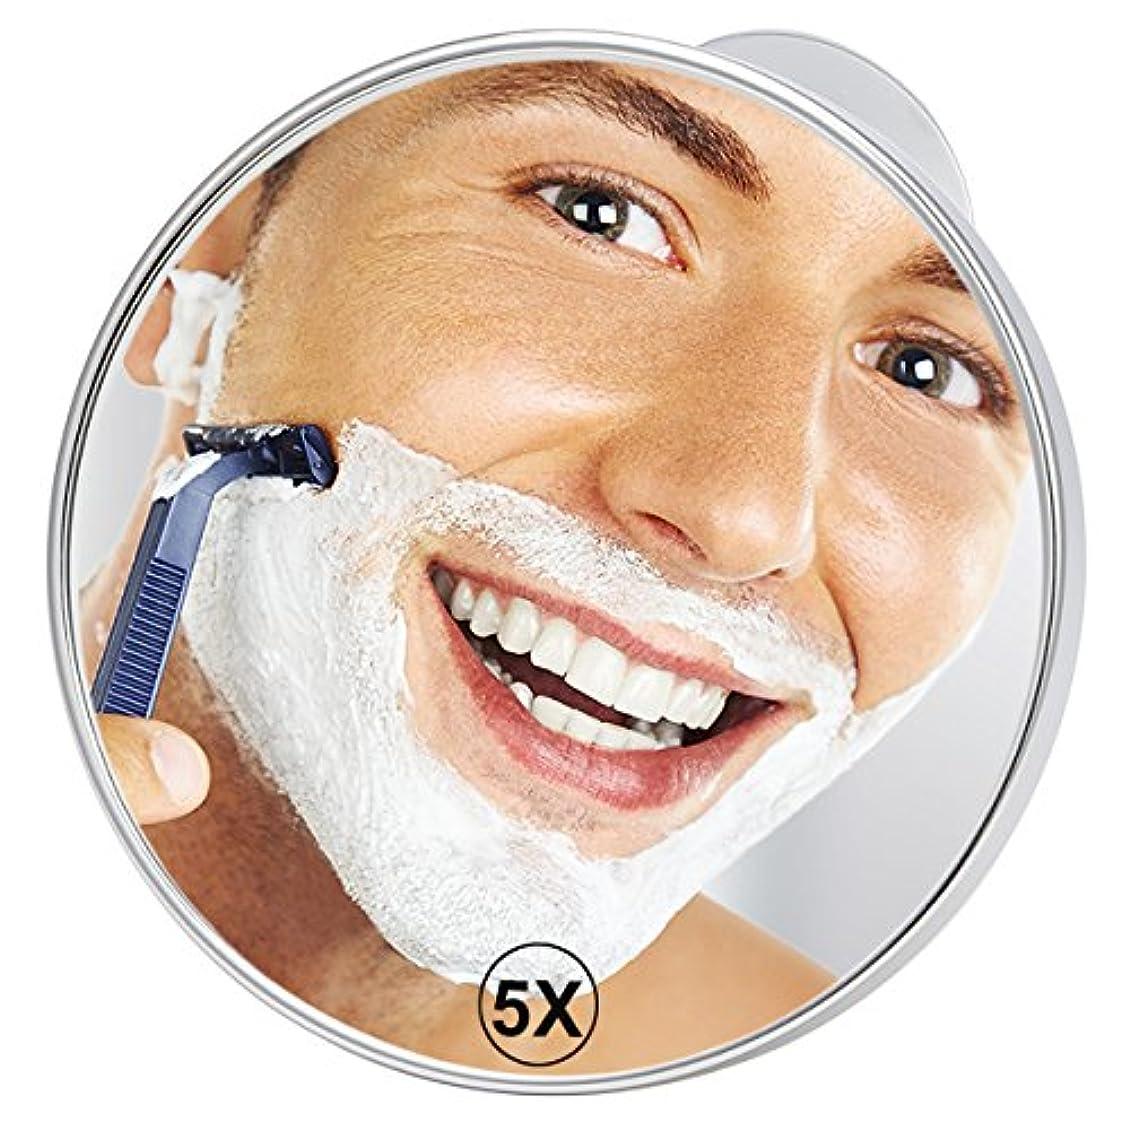 アシストうれしい洗剤21cm 浴室鏡 鏡 壁掛け 浴室用化粧鏡 5倍拡大鏡 シャワーミラー 強力吸盤付、き シミ、しわ、お肌のお手入れをチェックできて、髭剃り